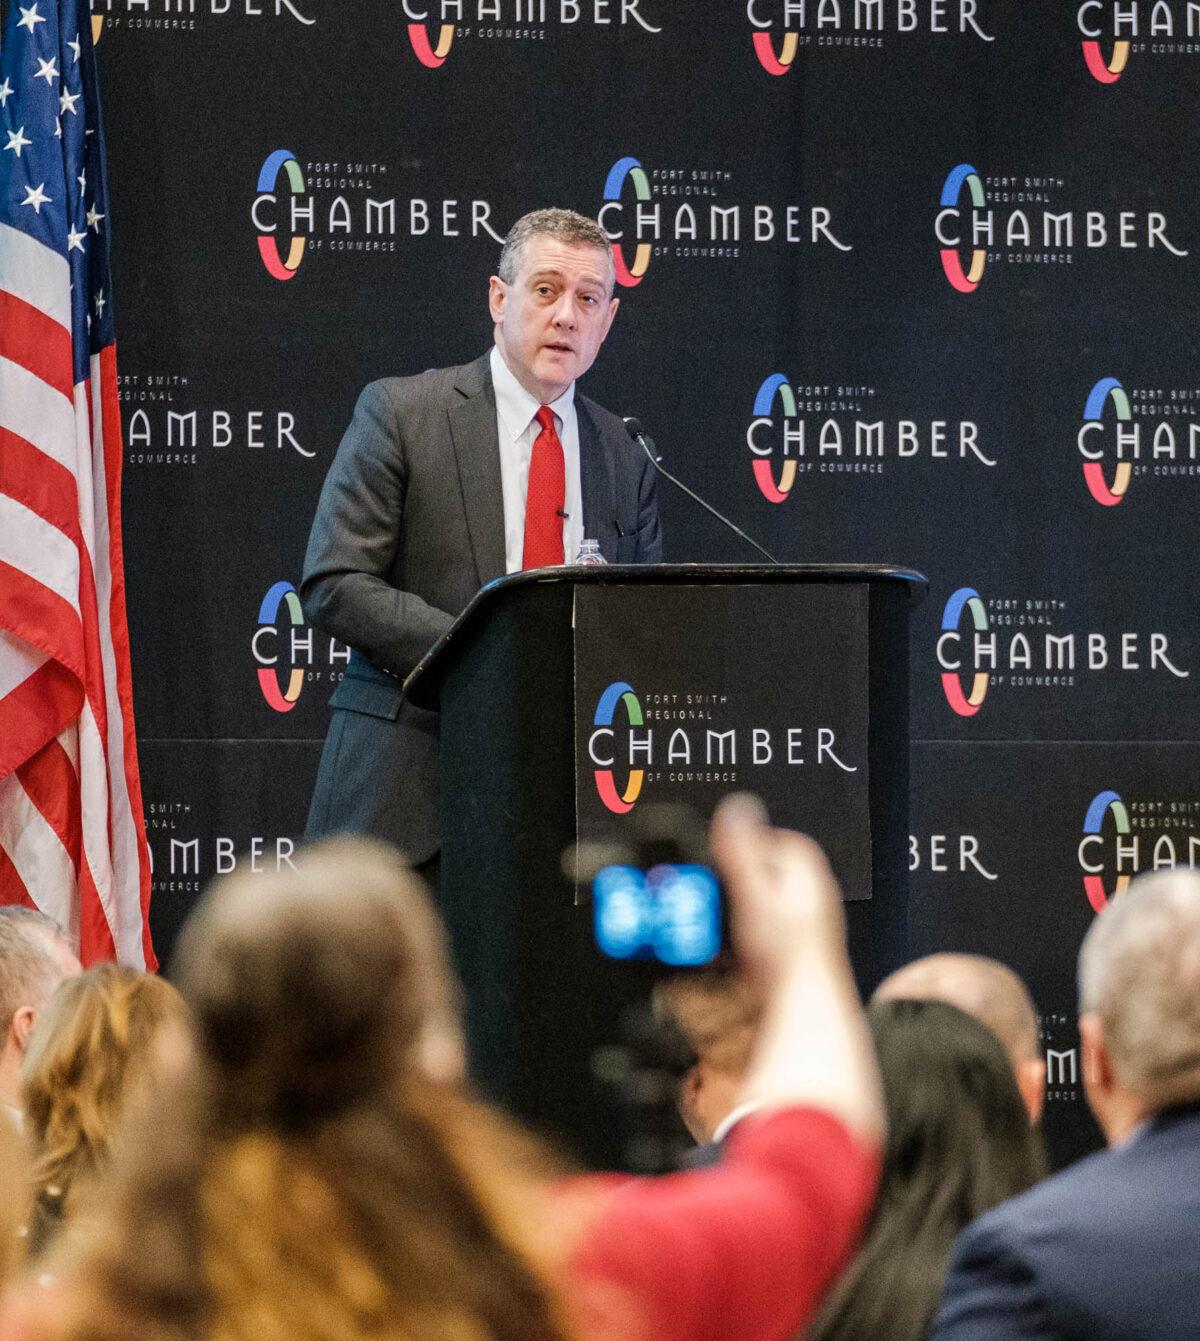 Fed president speaks on podium